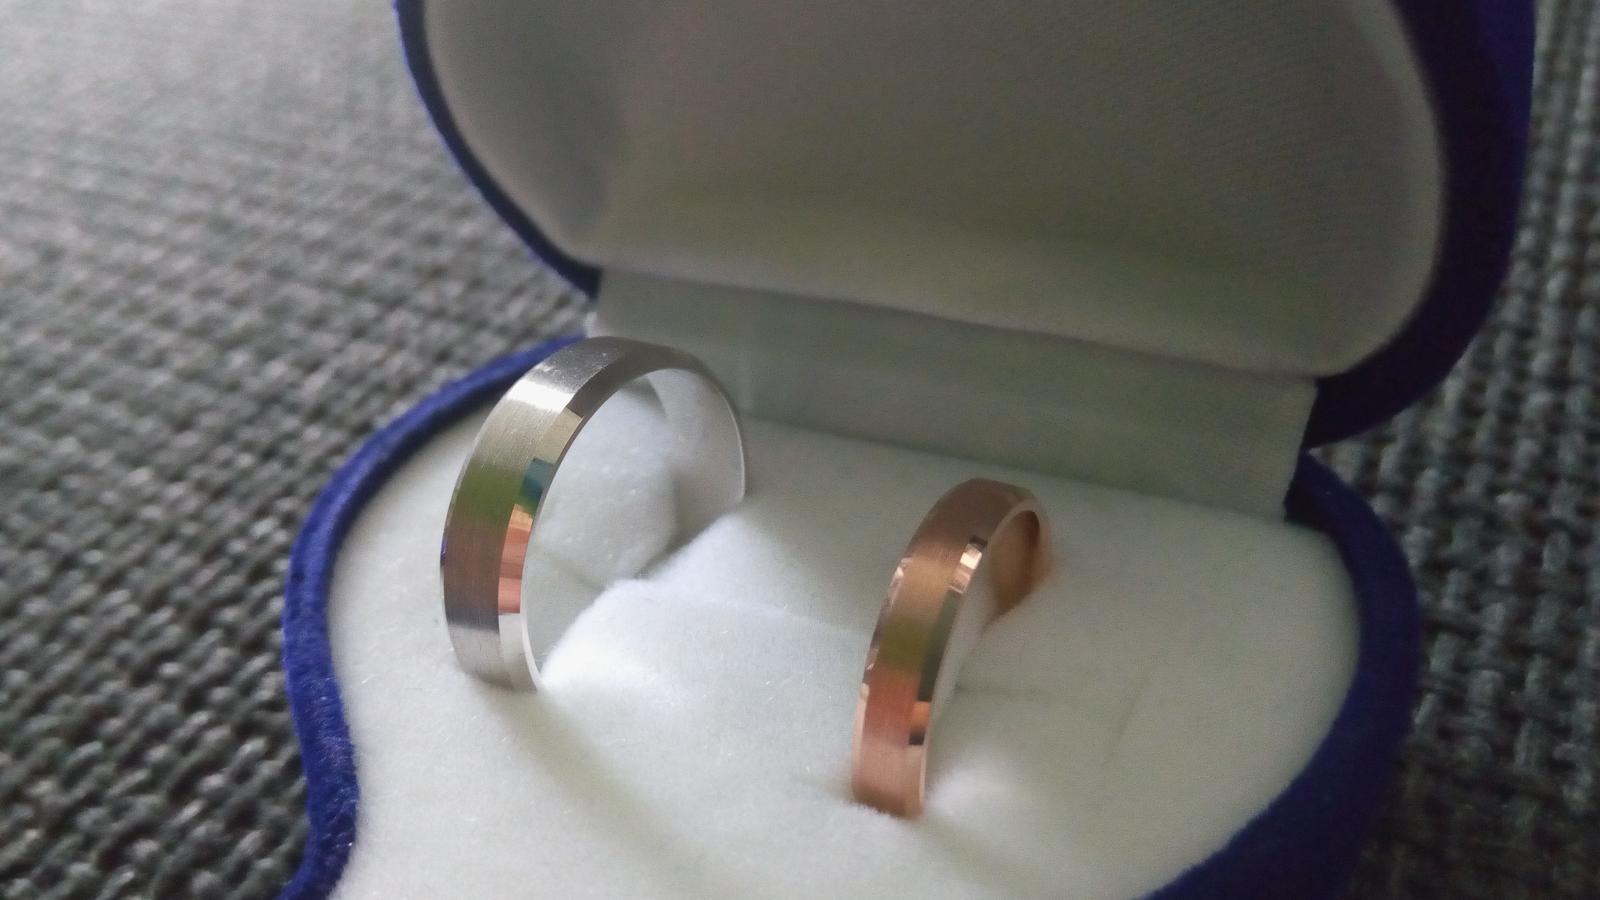 """Už sú doma 😊 Sú krajšie ako sme si predstavovali. I keď nenosíme prstene, tieto asi nosiť budeme ;) Gravírovať sme pôvodne nepotrebovali. Ale keď prstienky prišli, písala som drahému a on mi odpísal: """"Pozri sa dovnútra"""". Drobnosť, ktorá dojala 💛 - Obrázok č. 1"""